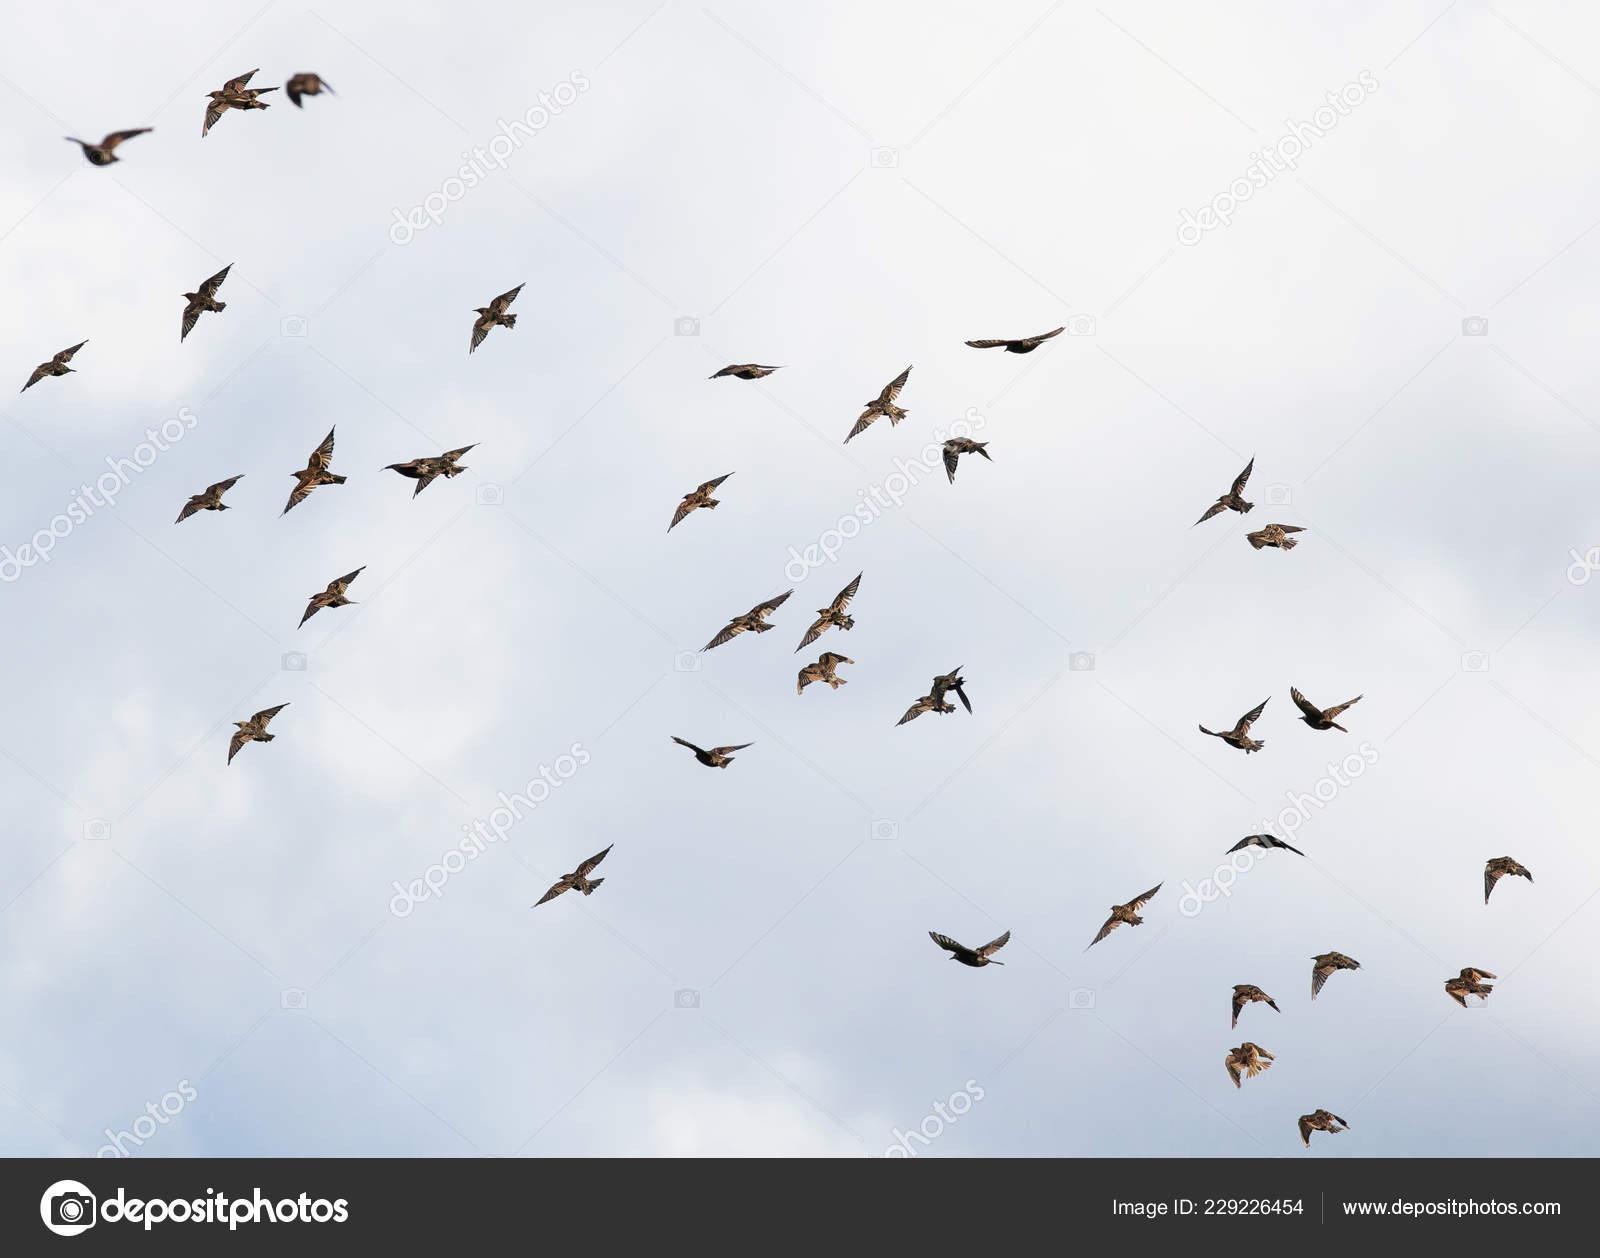 Εικόνες από ένα μεγάλο μαύρο πουλί